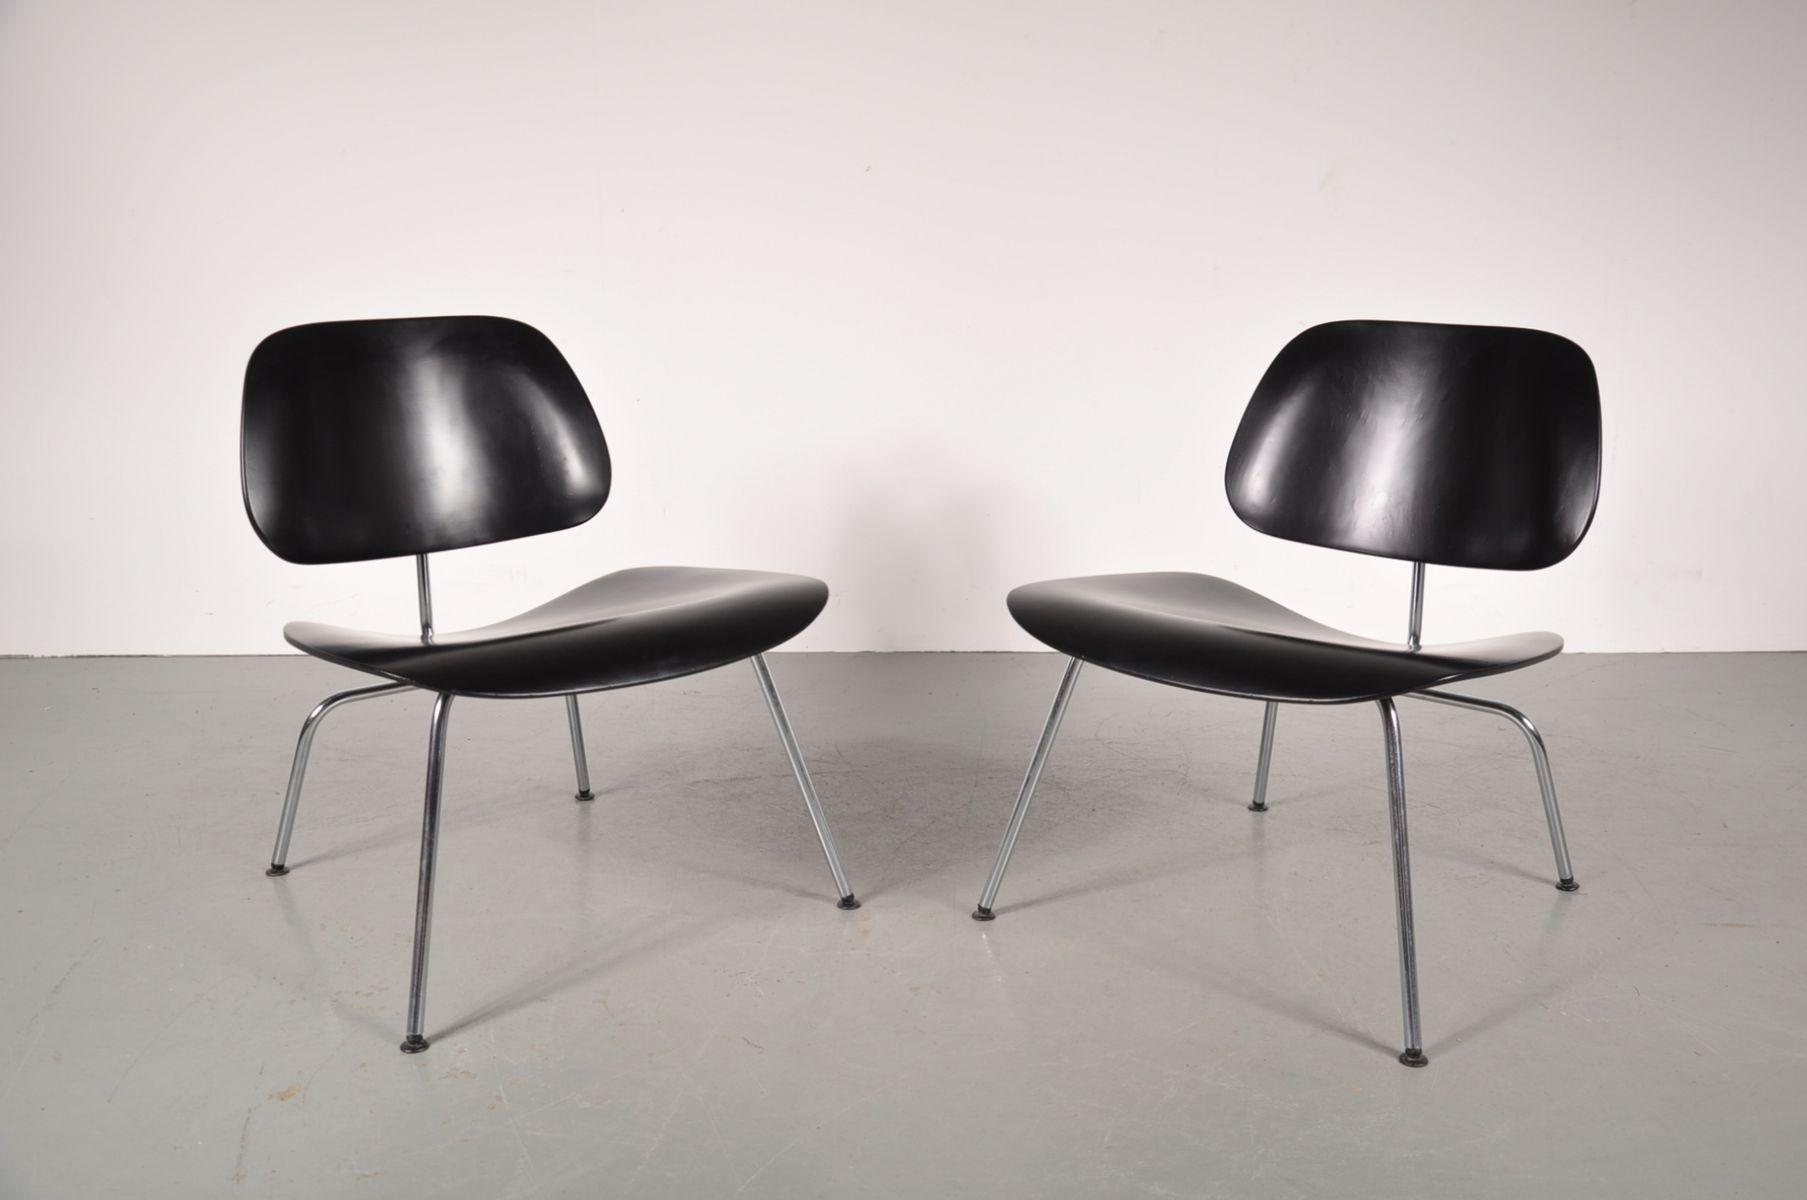 stuhl aus verchromten metall und sperrholz von charles ray eames f r herman miller bei pamono. Black Bedroom Furniture Sets. Home Design Ideas